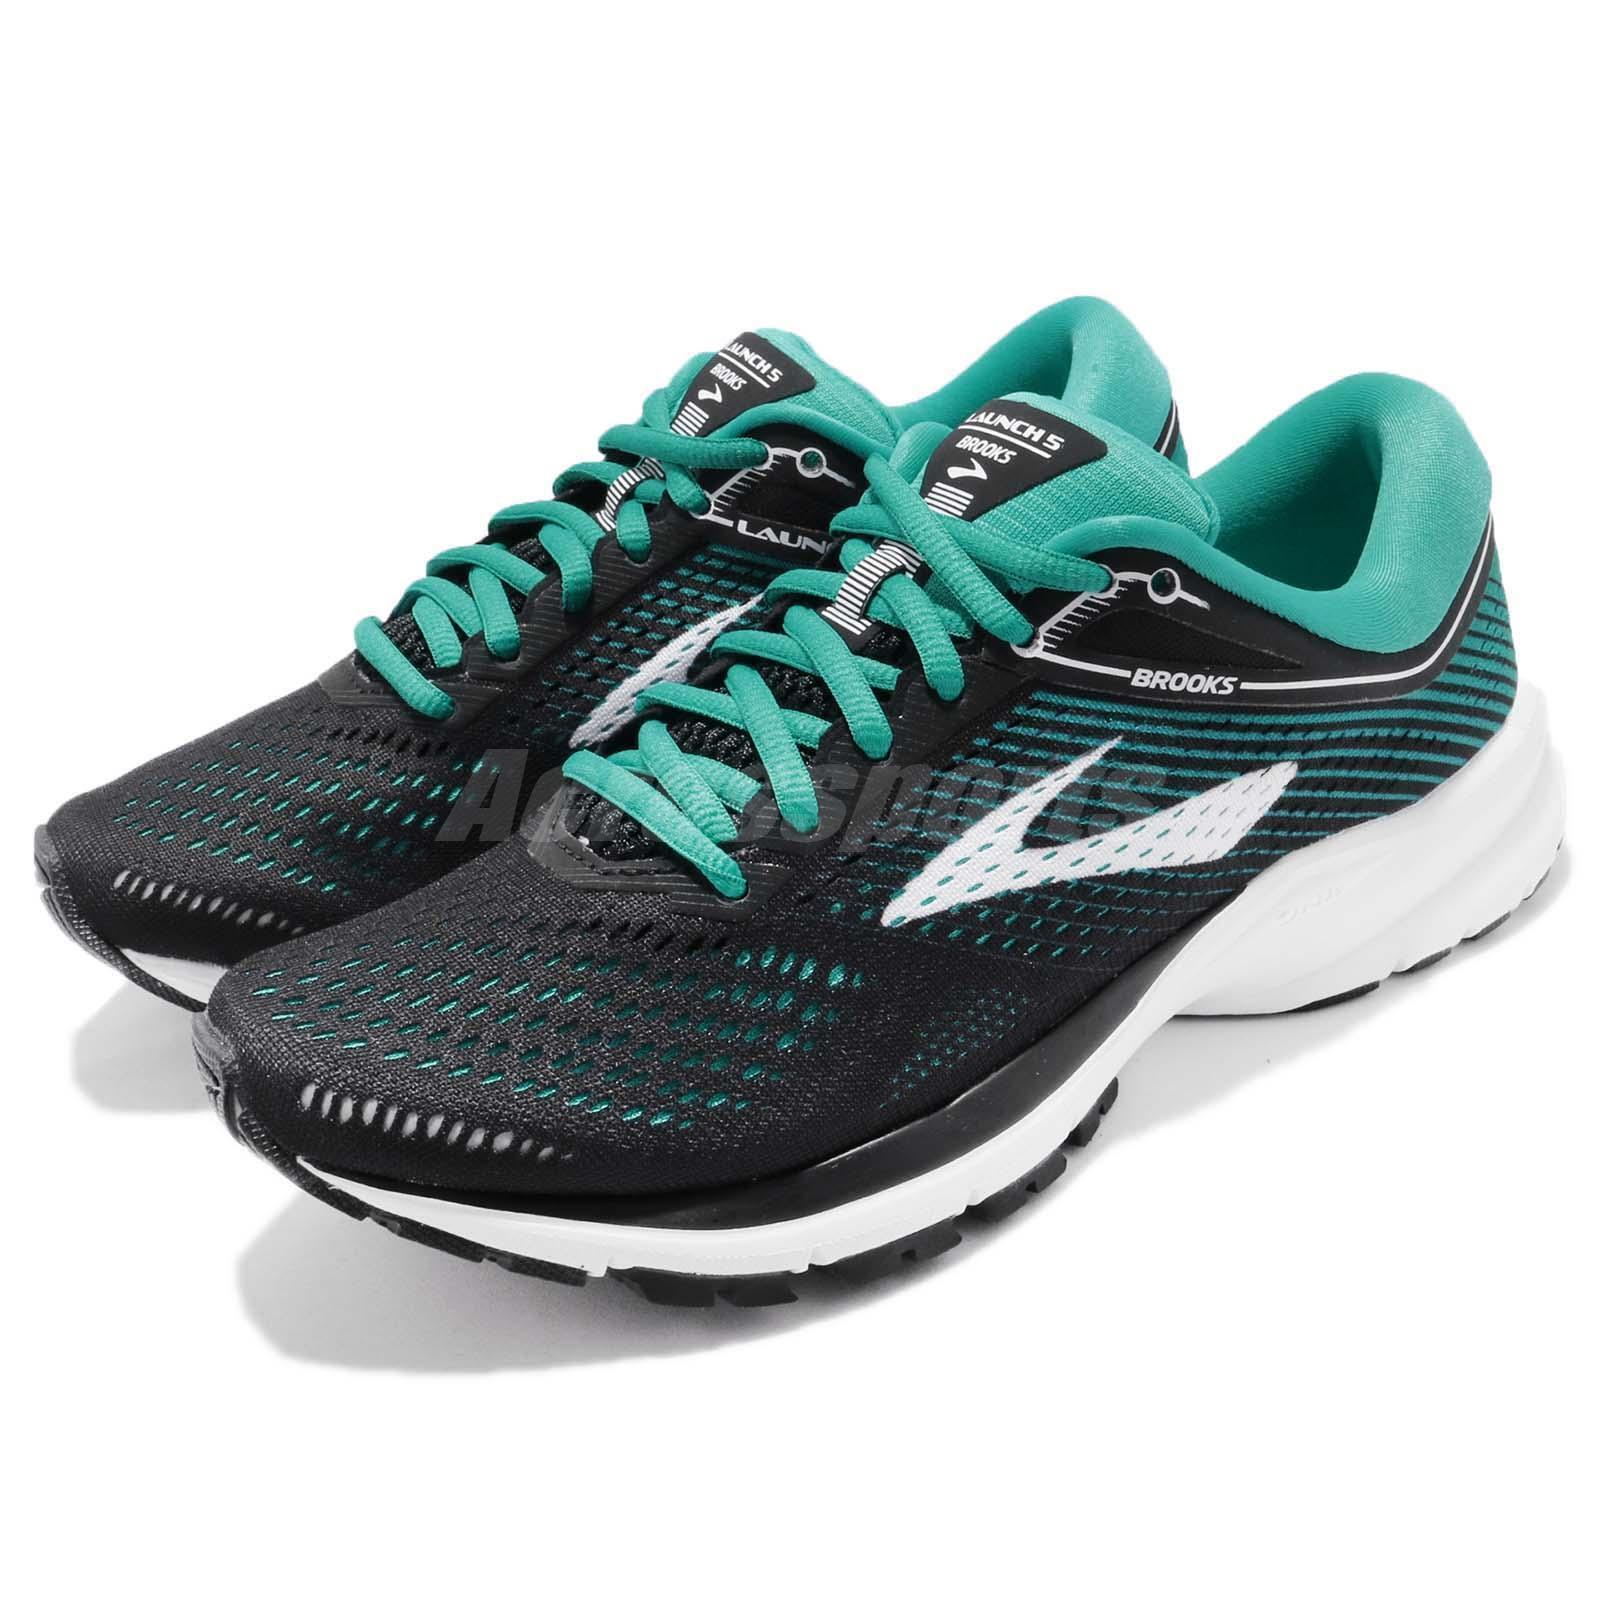 Brooks Launch Launch Launch 5 B V Negro verde Teal Mujeres Running Zapatos zapatillas 1202661 B  disfruta ahorrando 30-50% de descuento